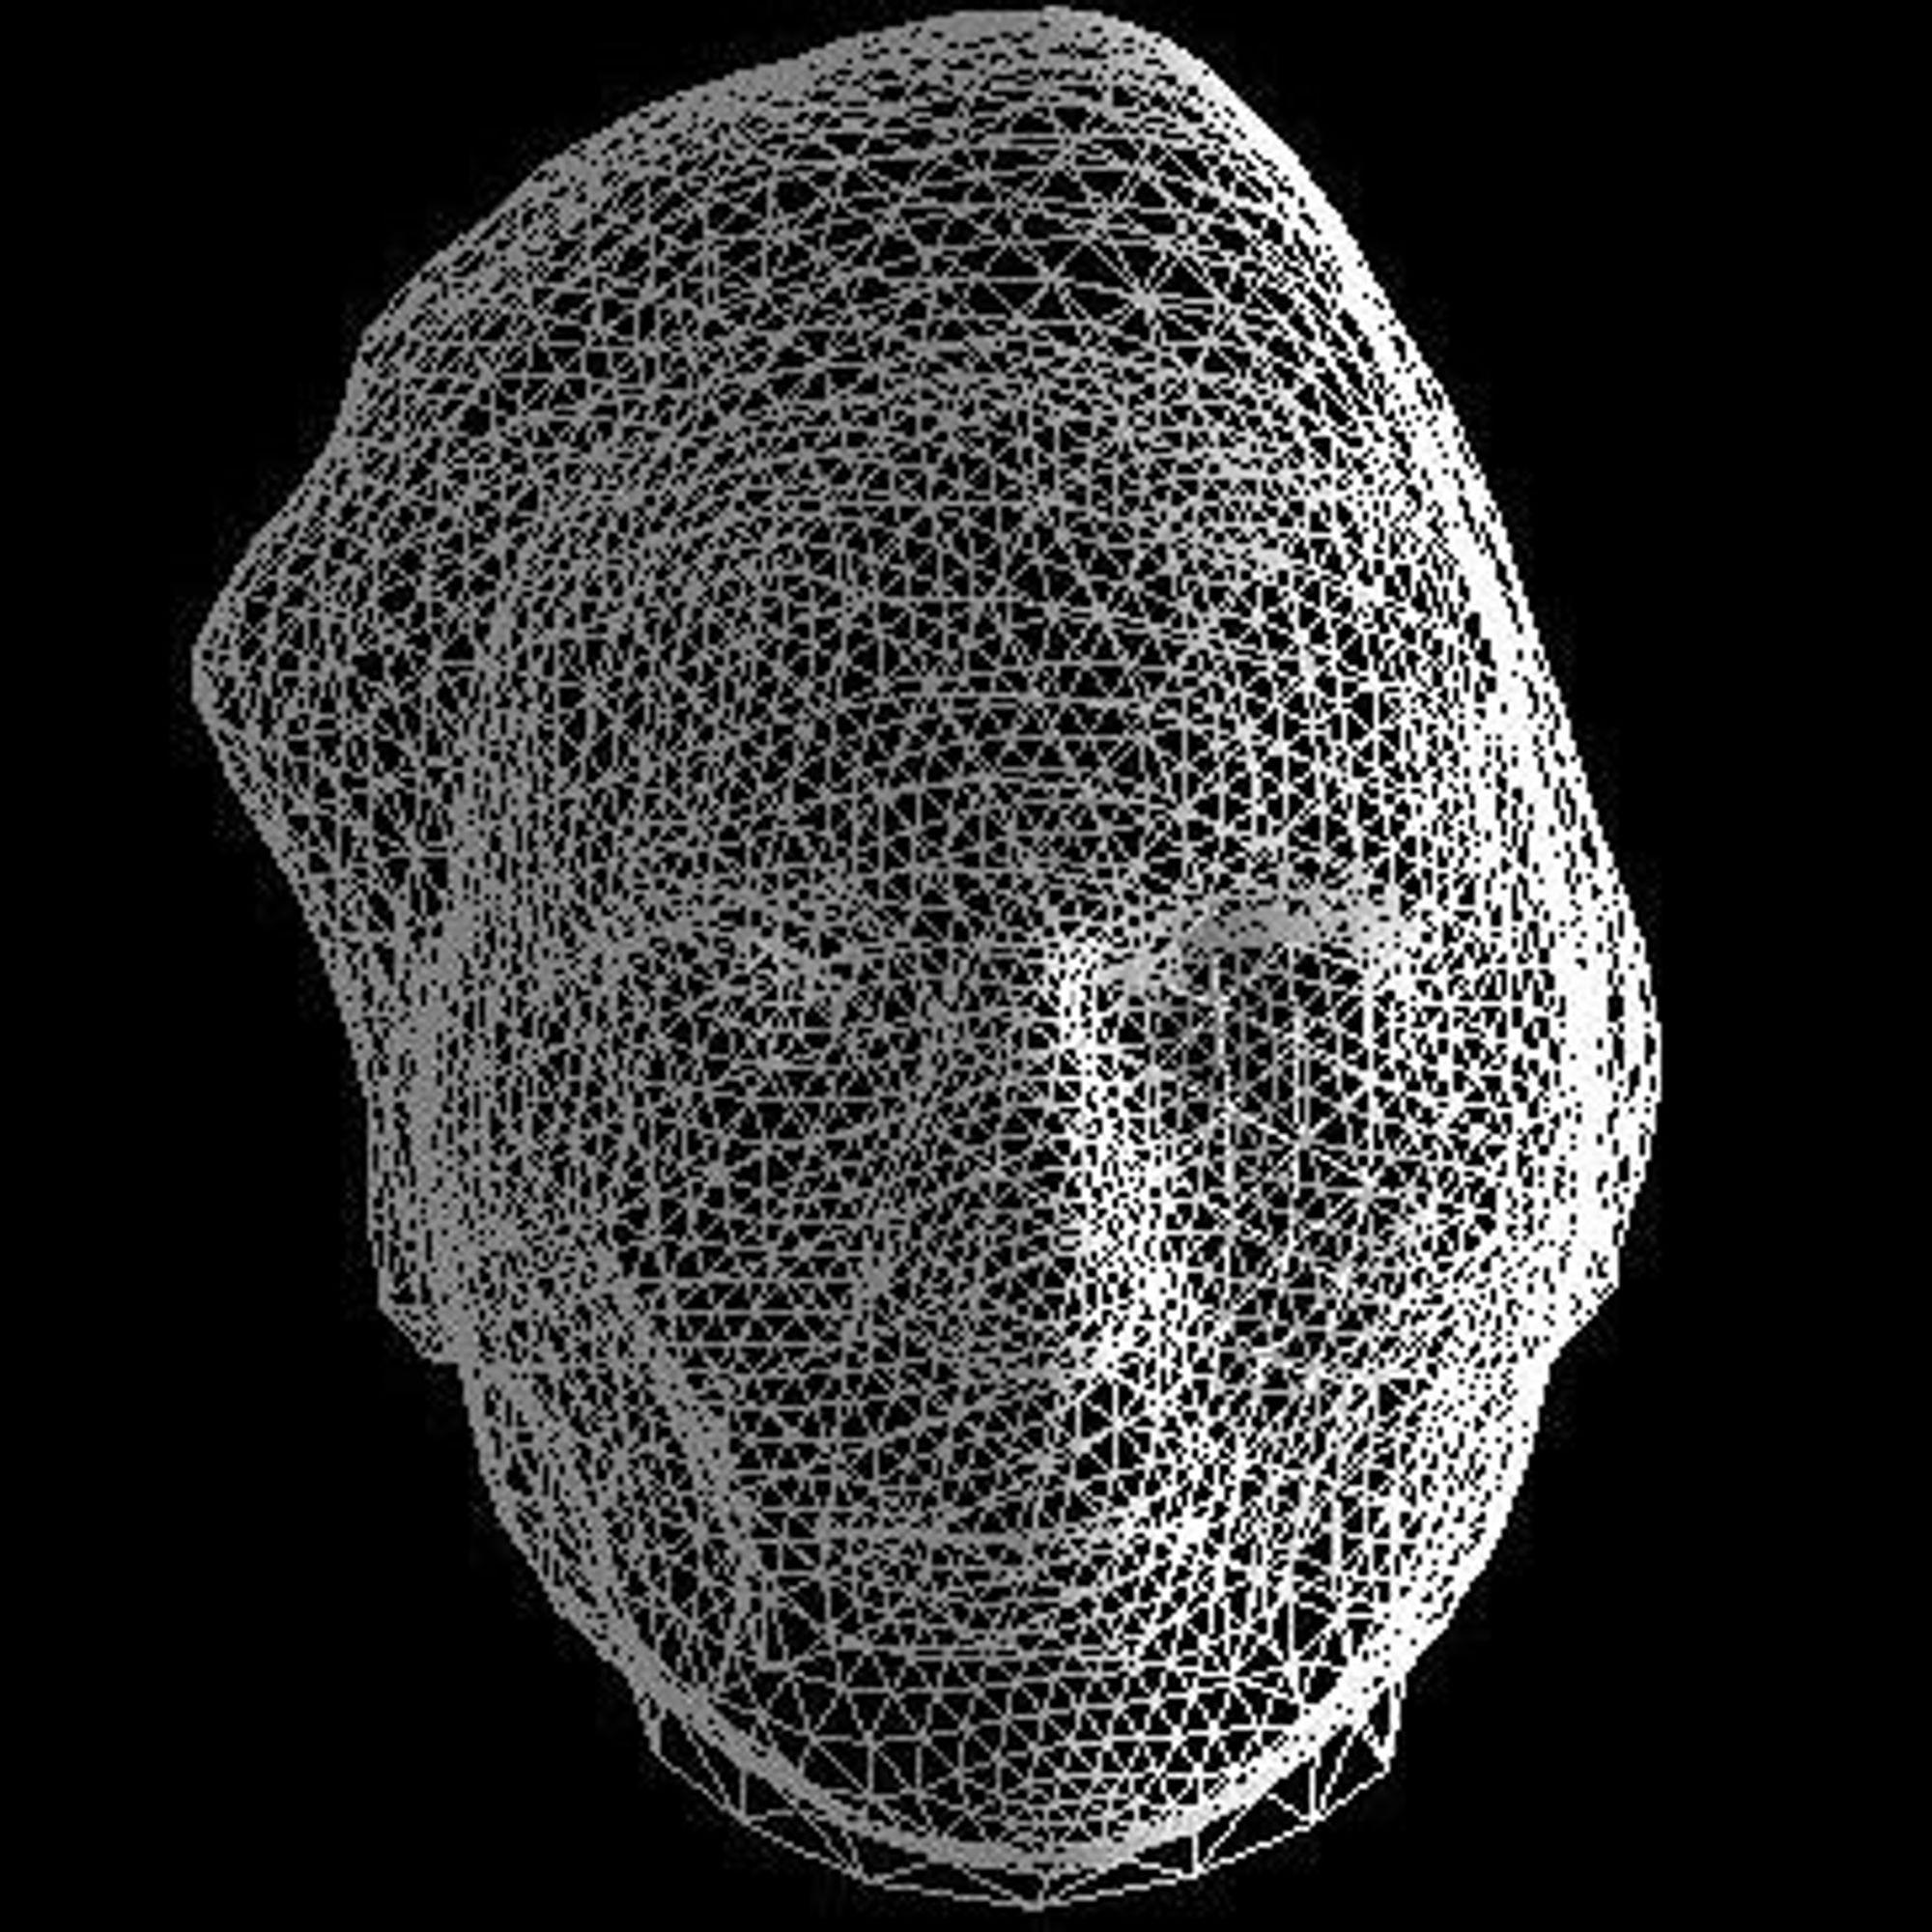 Alle slags 3D-modeller kan gjengis i full detalj i Adobes universelle og kompakte format PRC som nå skal gjøres til ISO-standard.